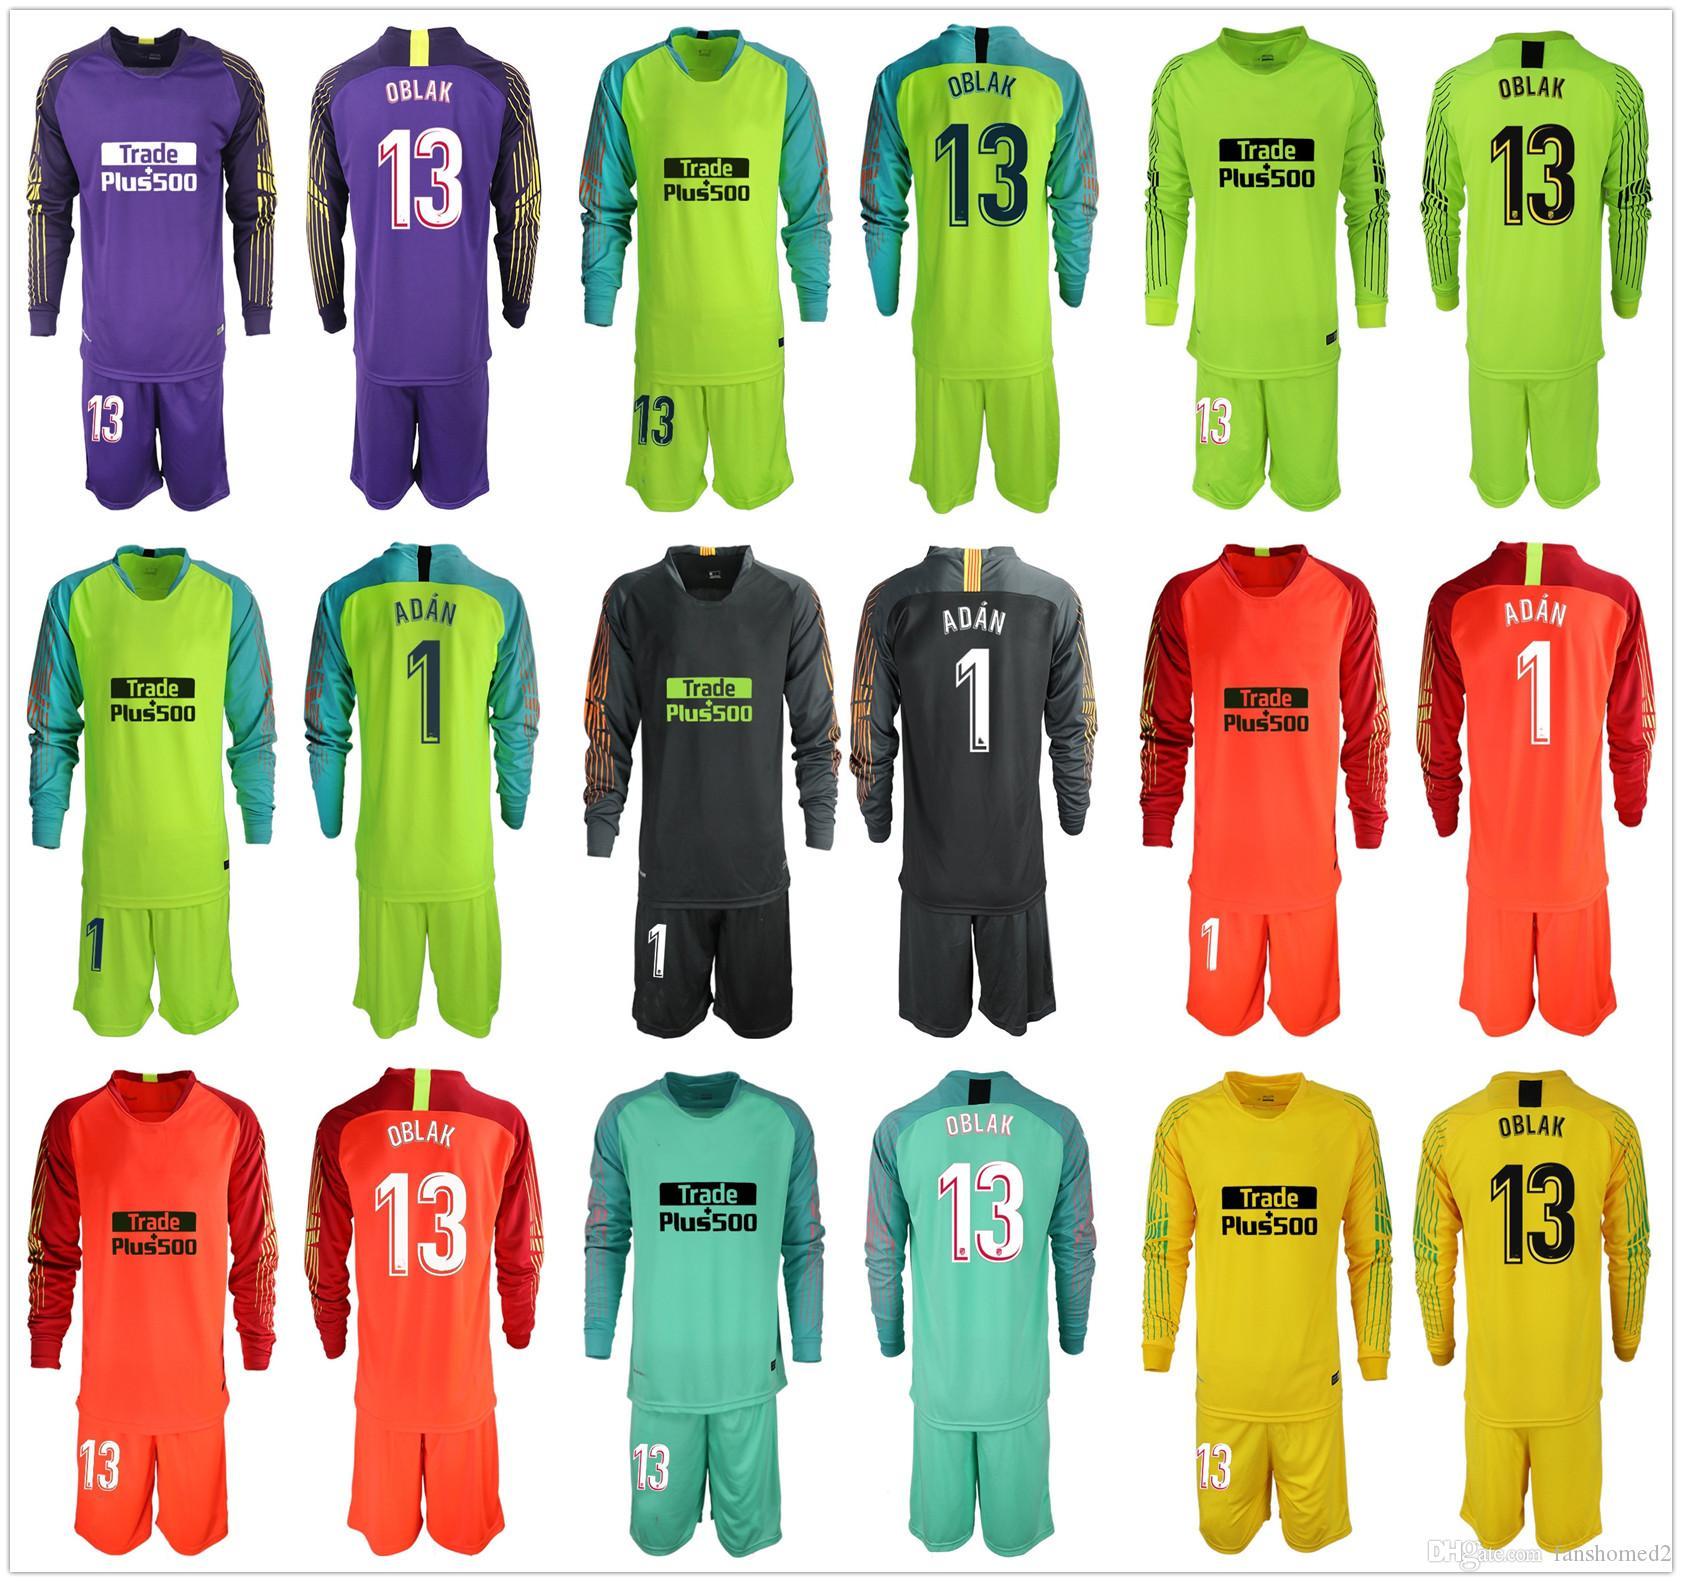 d842eb9089 Compre 2018 2019 Adultos Camisas De Goleiro Long Oblak   1 Adan Conjuntos  De Futebol Adan 13 Jan Adan GK Jerseys Futebol Irlandês Uniforme Conjunto  De Terno ...